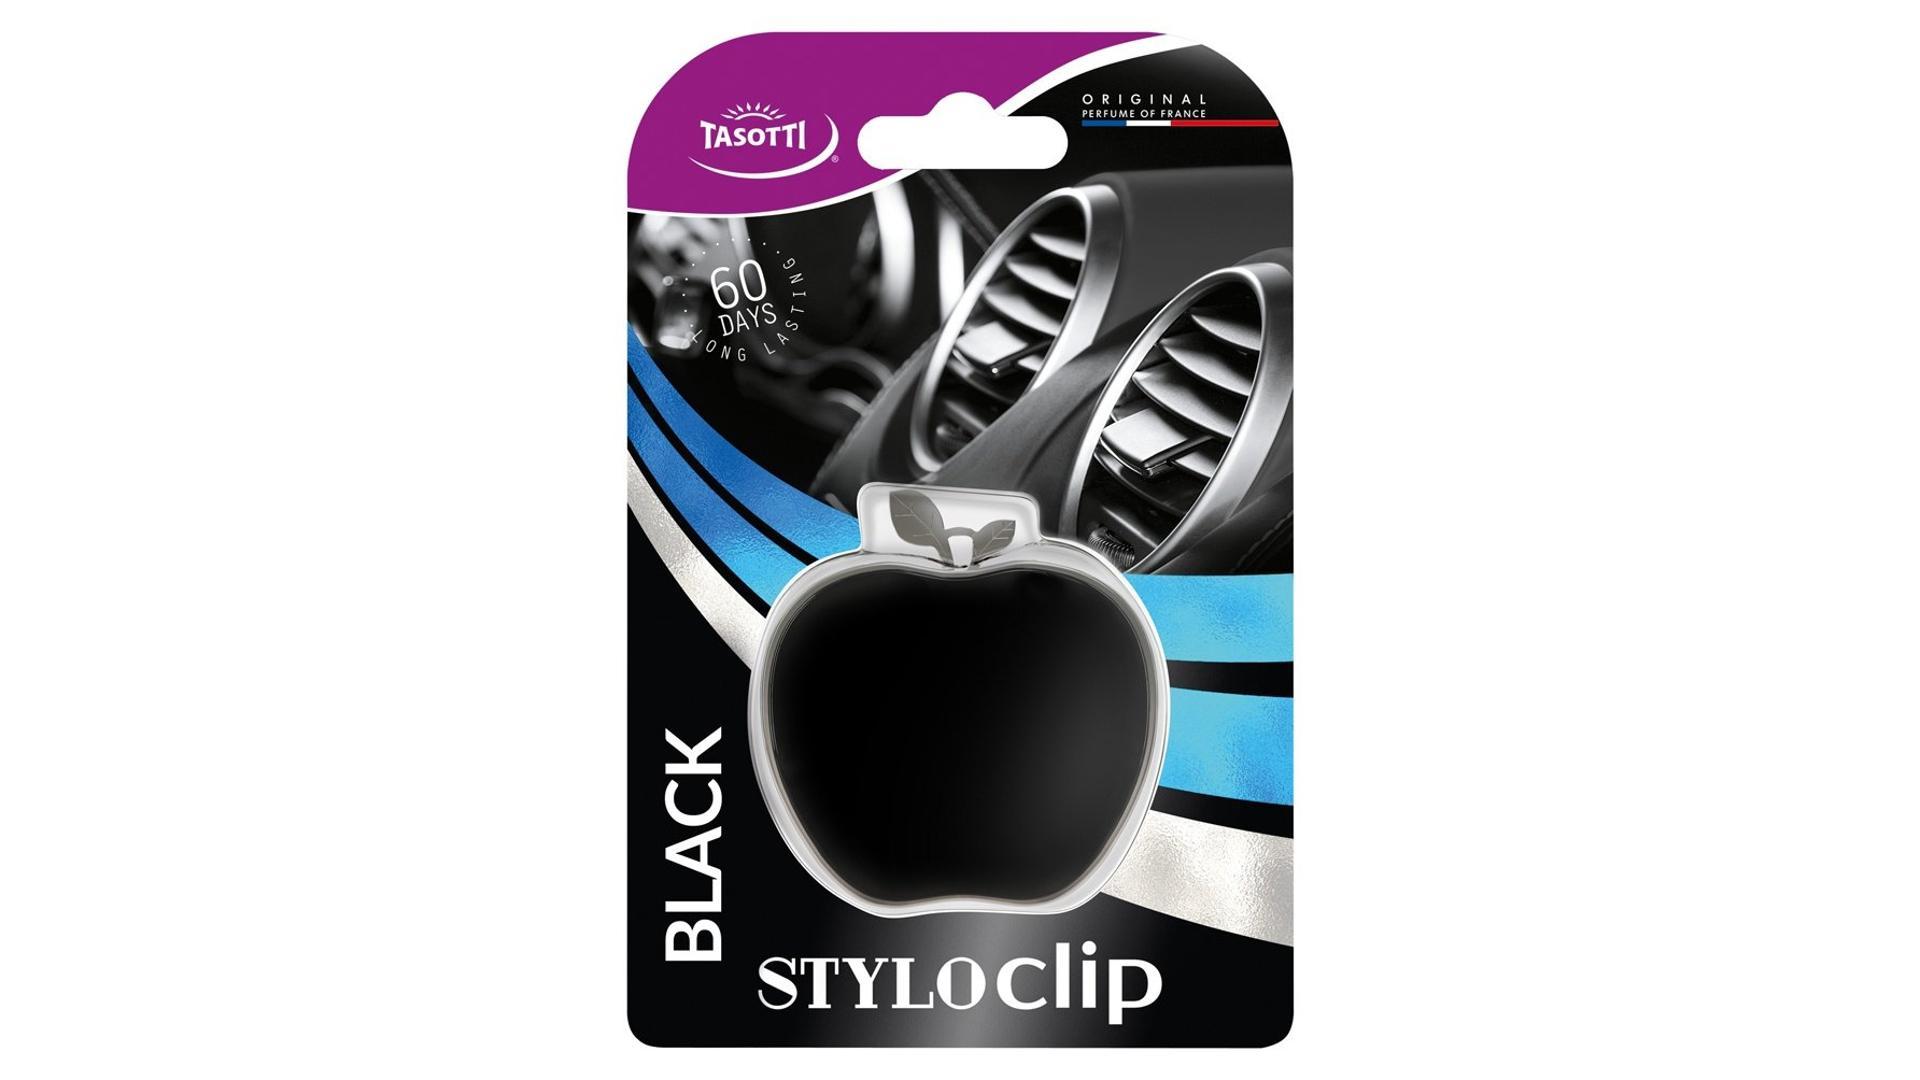 TASOTTI Stylo clip black